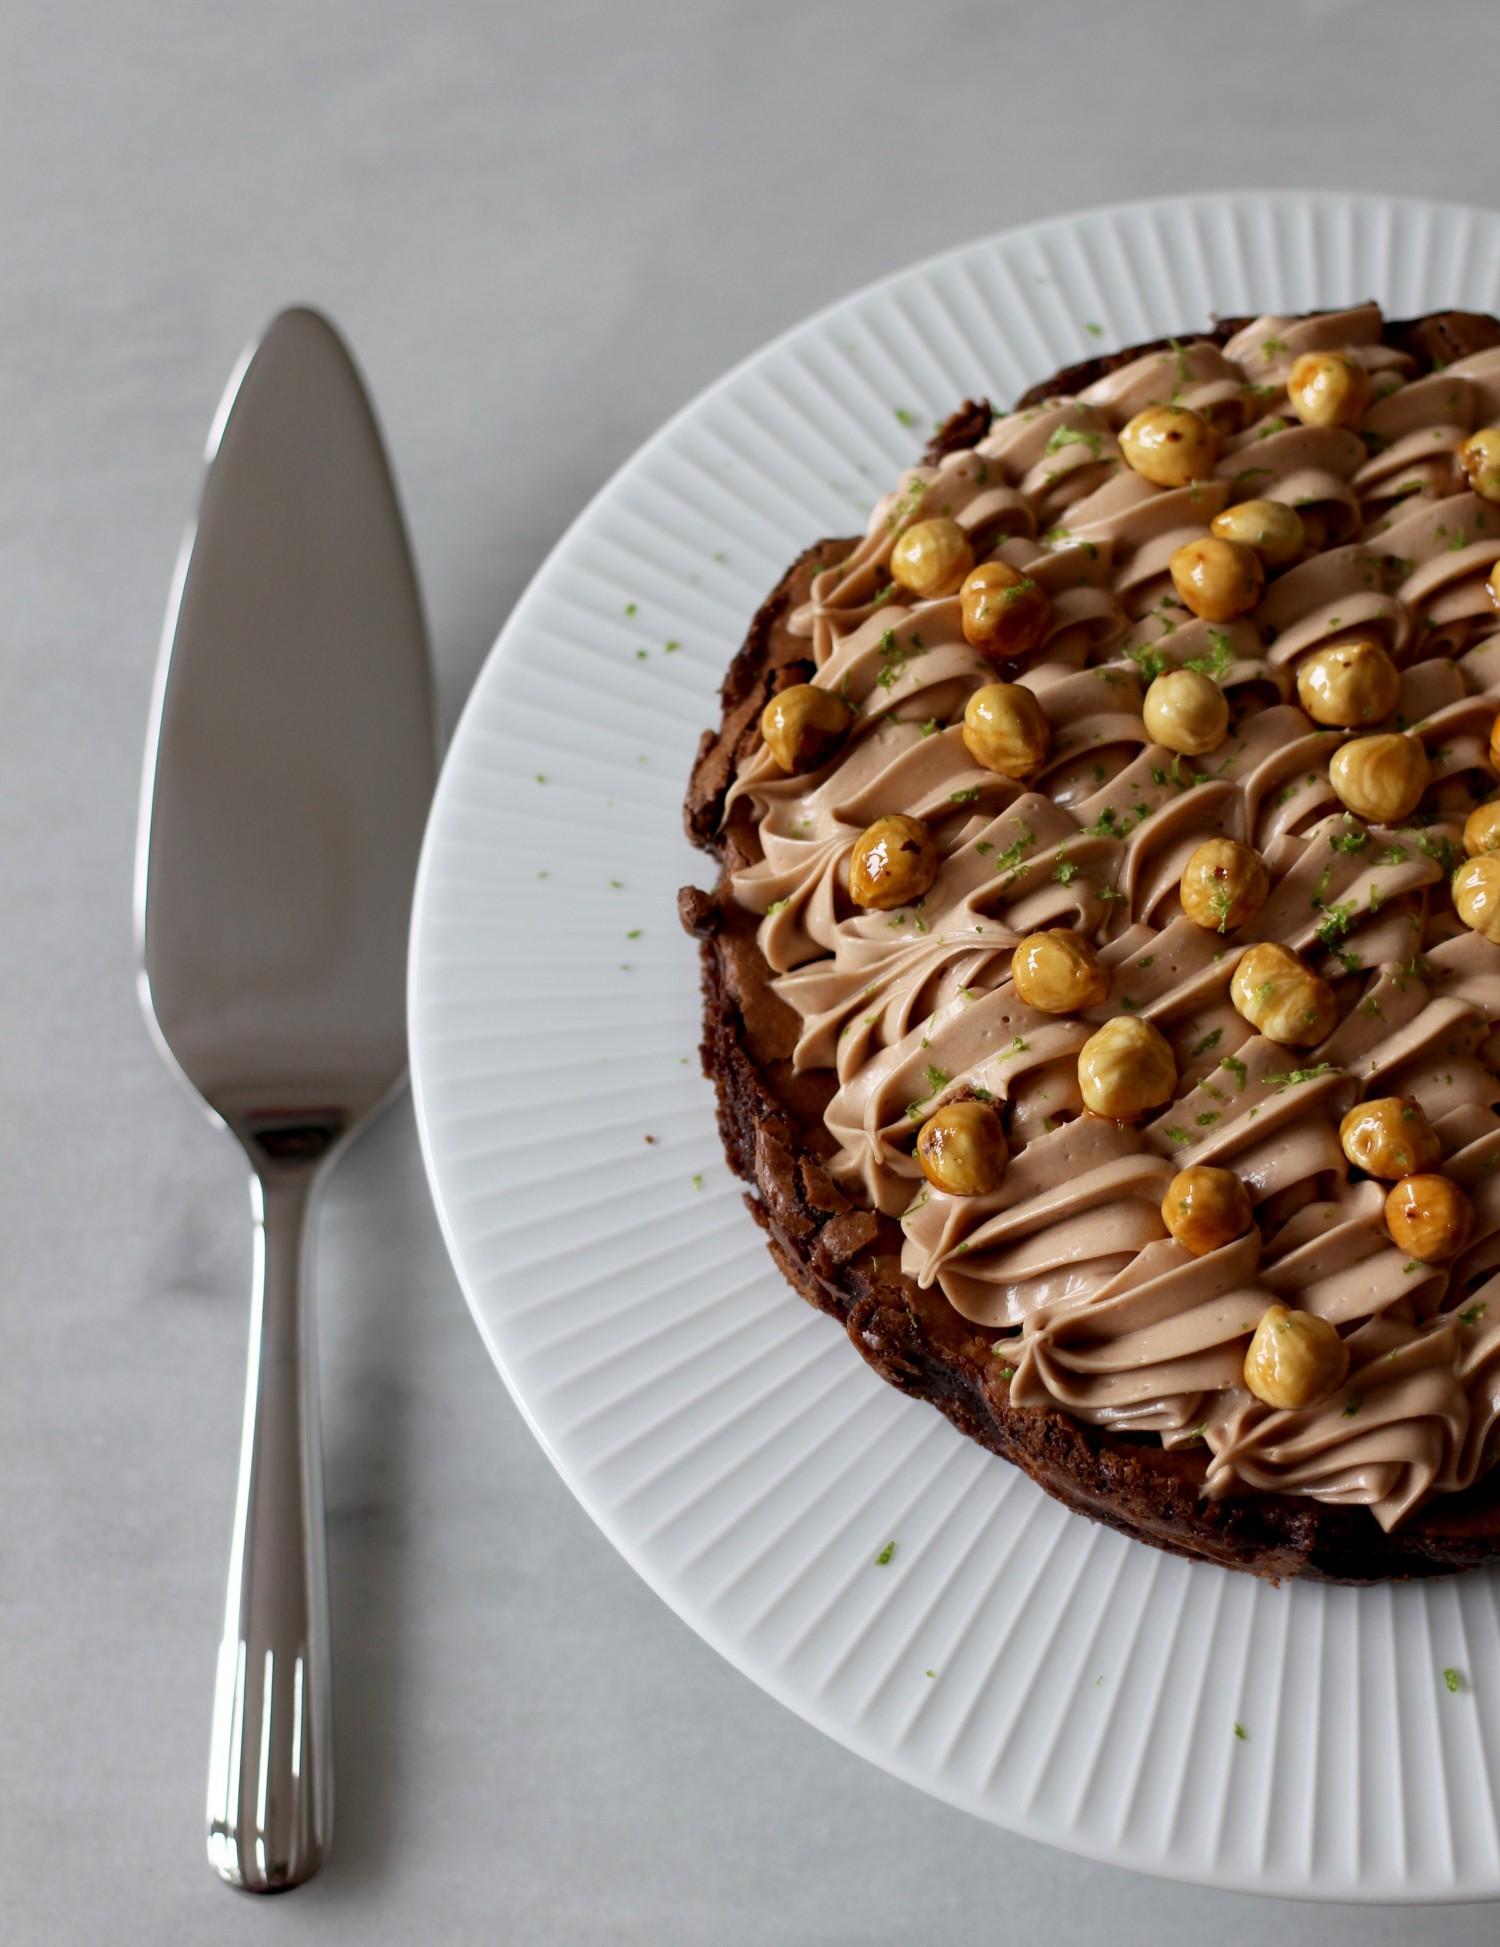 glutenfri-chokoladekage-callebaut-annemette-voss-10